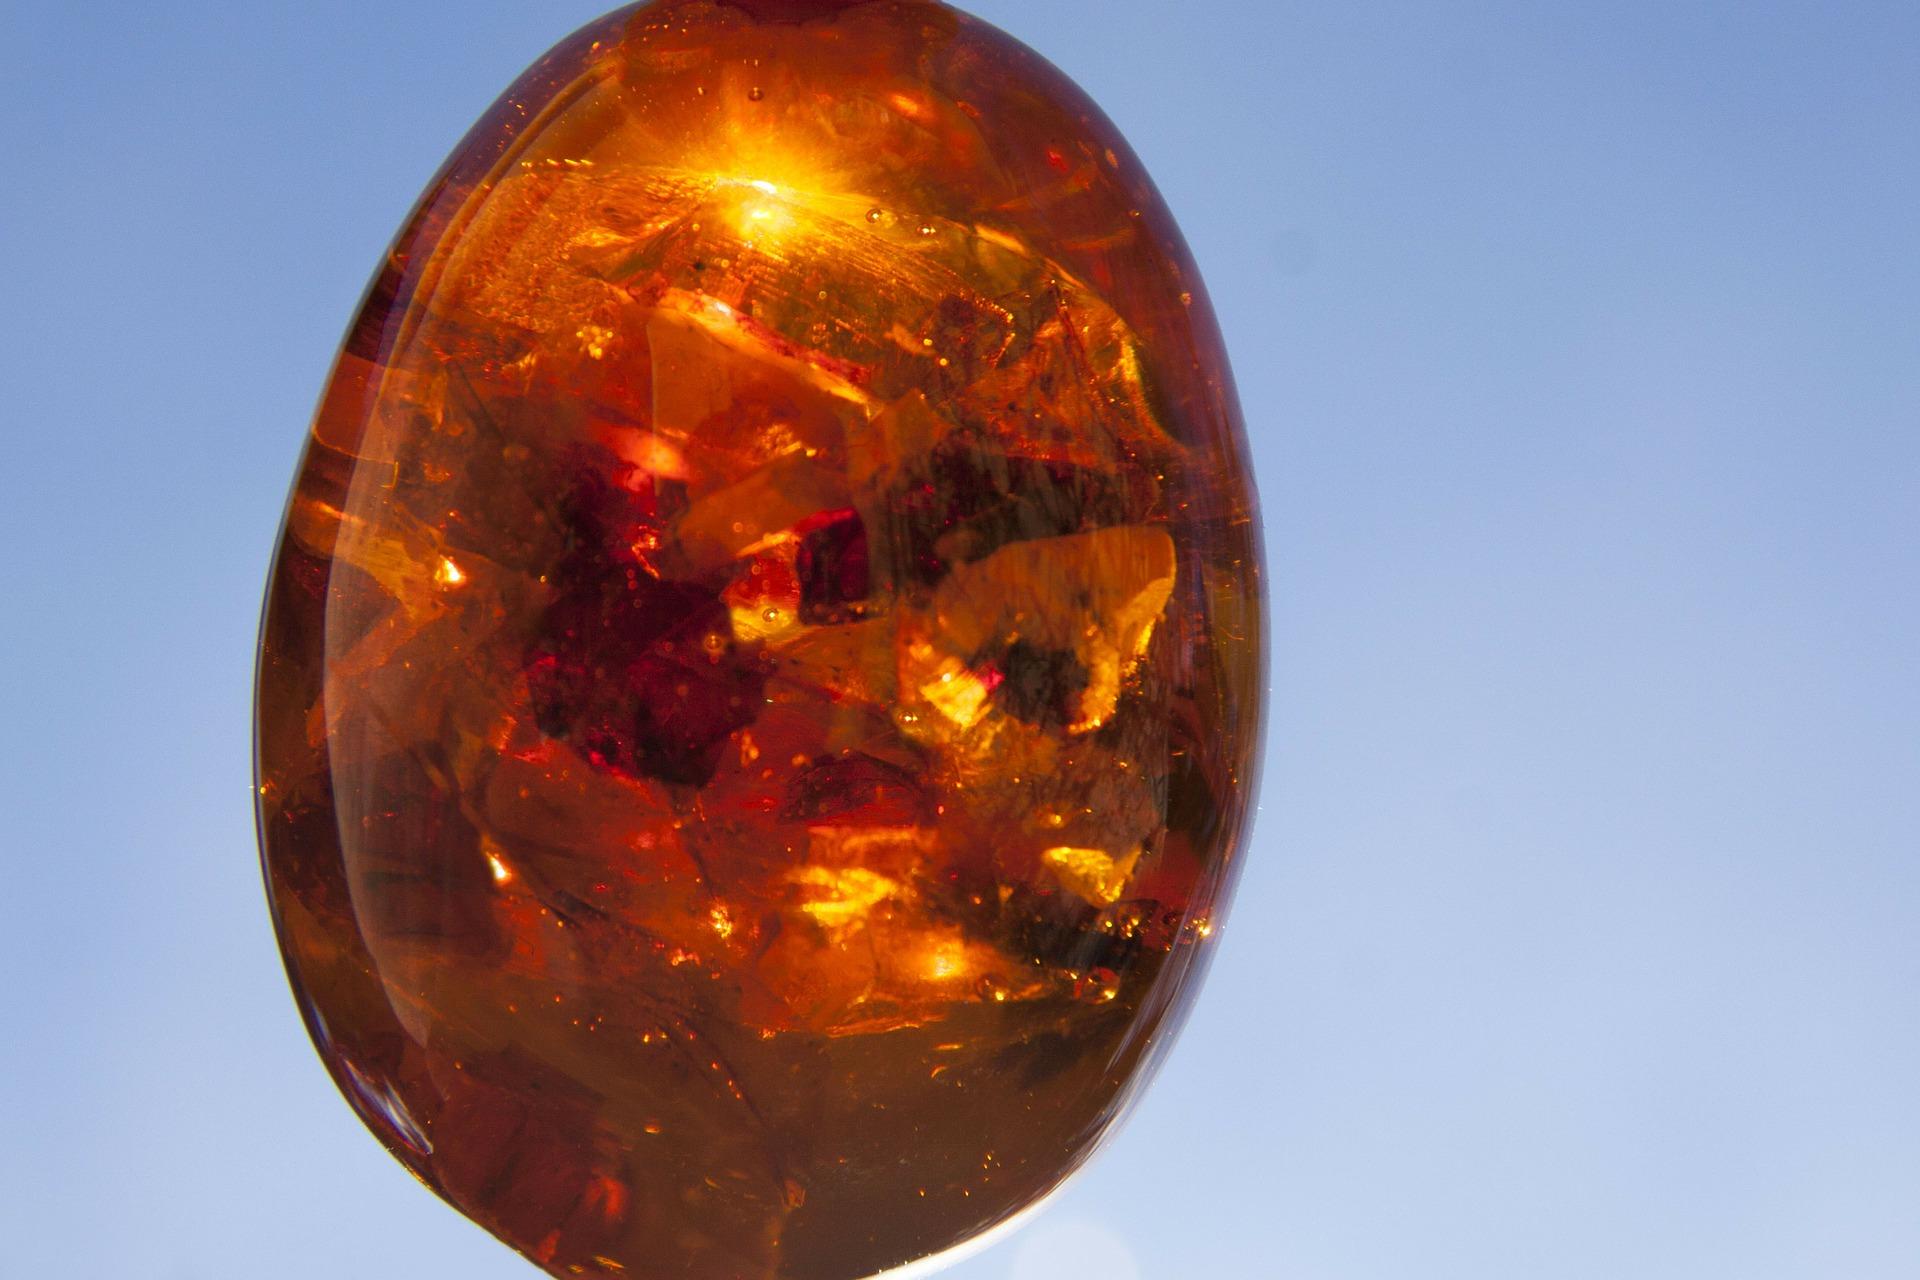 fossilised resin druid egg